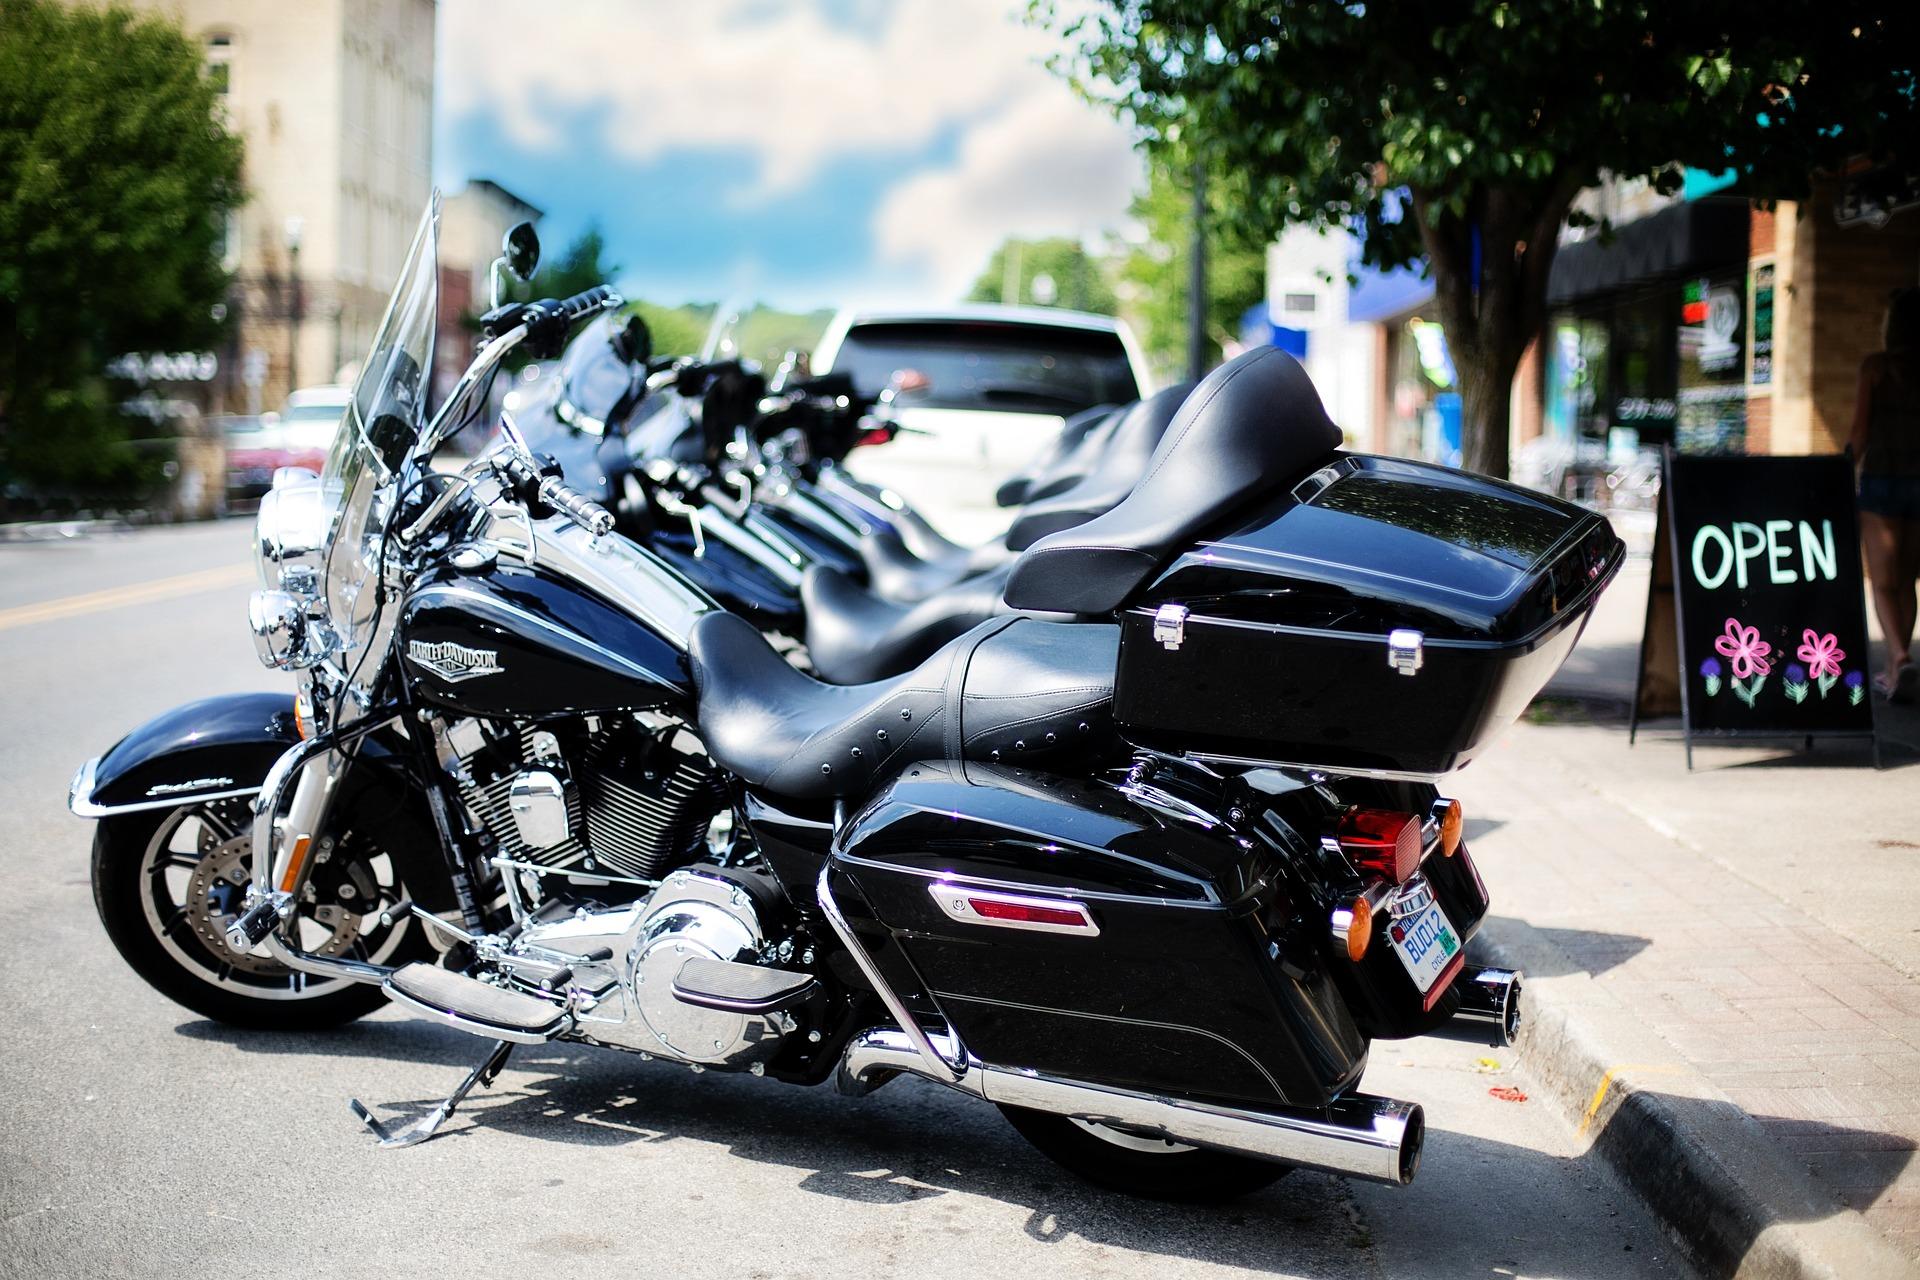 Harley Davidson, Bike, Black, Davidson, Harley, HQ Photo